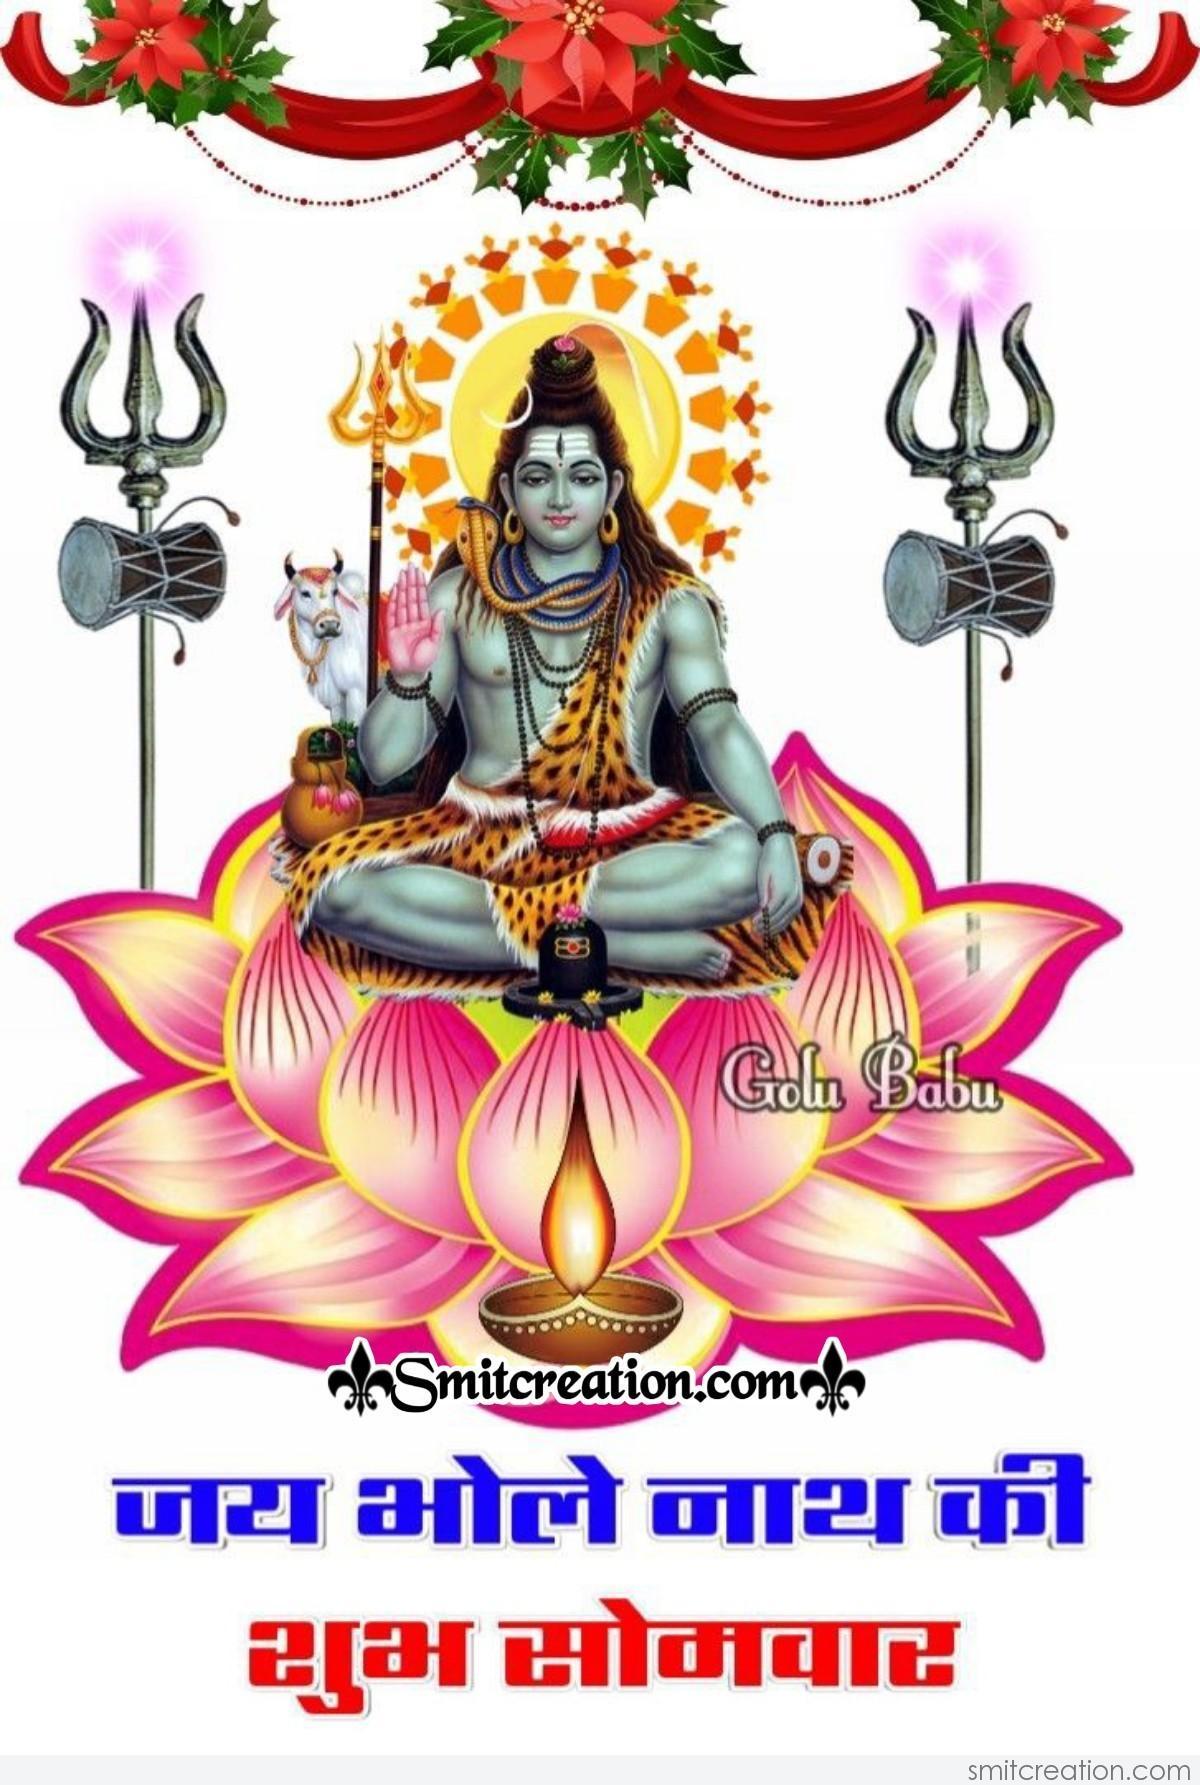 Jai Bholenaath Ki Shubh Somvar Smitcreation Com